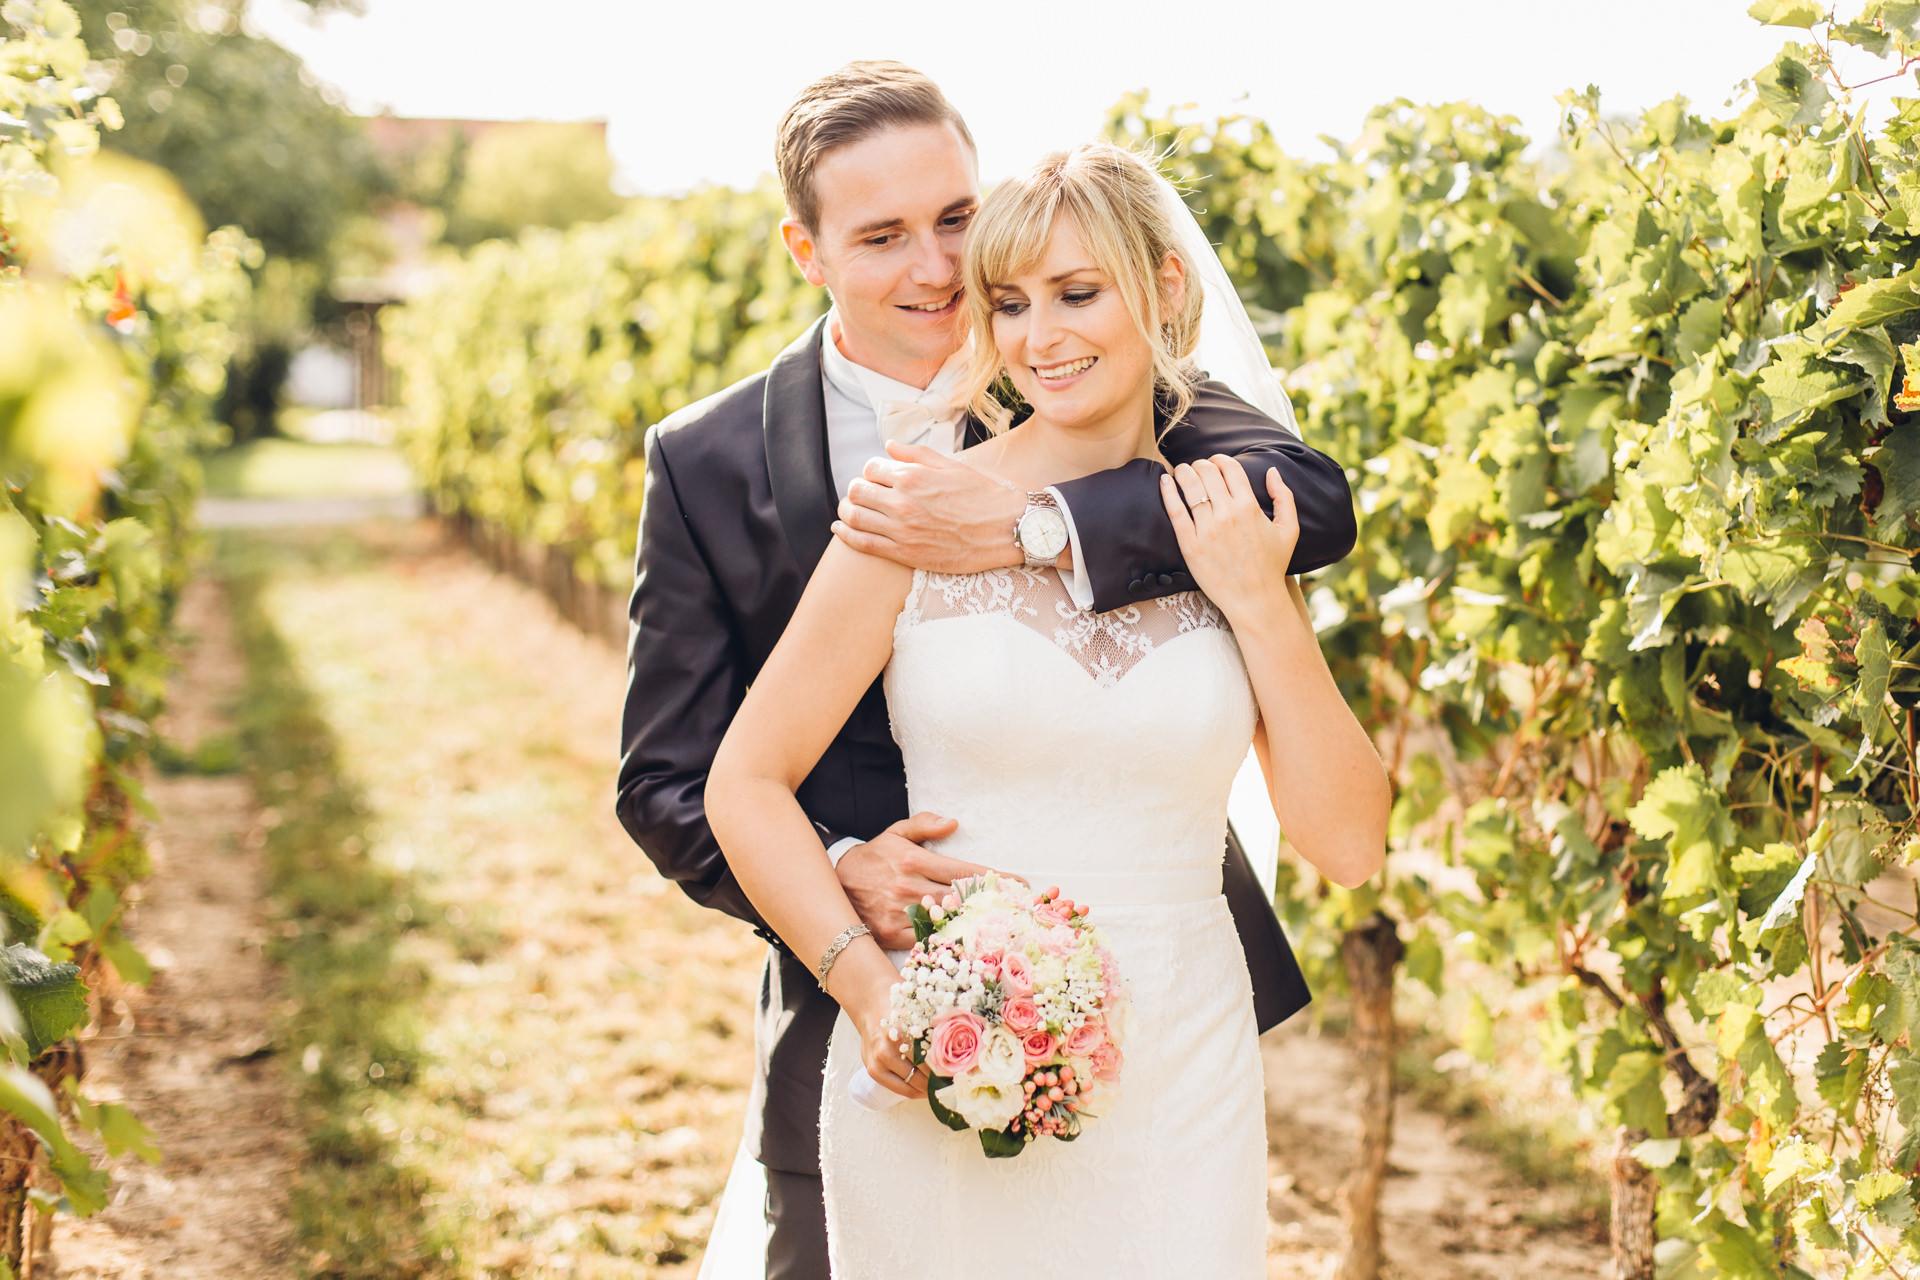 Brautpaarshooting in Weinbergen beim Weingewölbe San Martin in Bermersheim